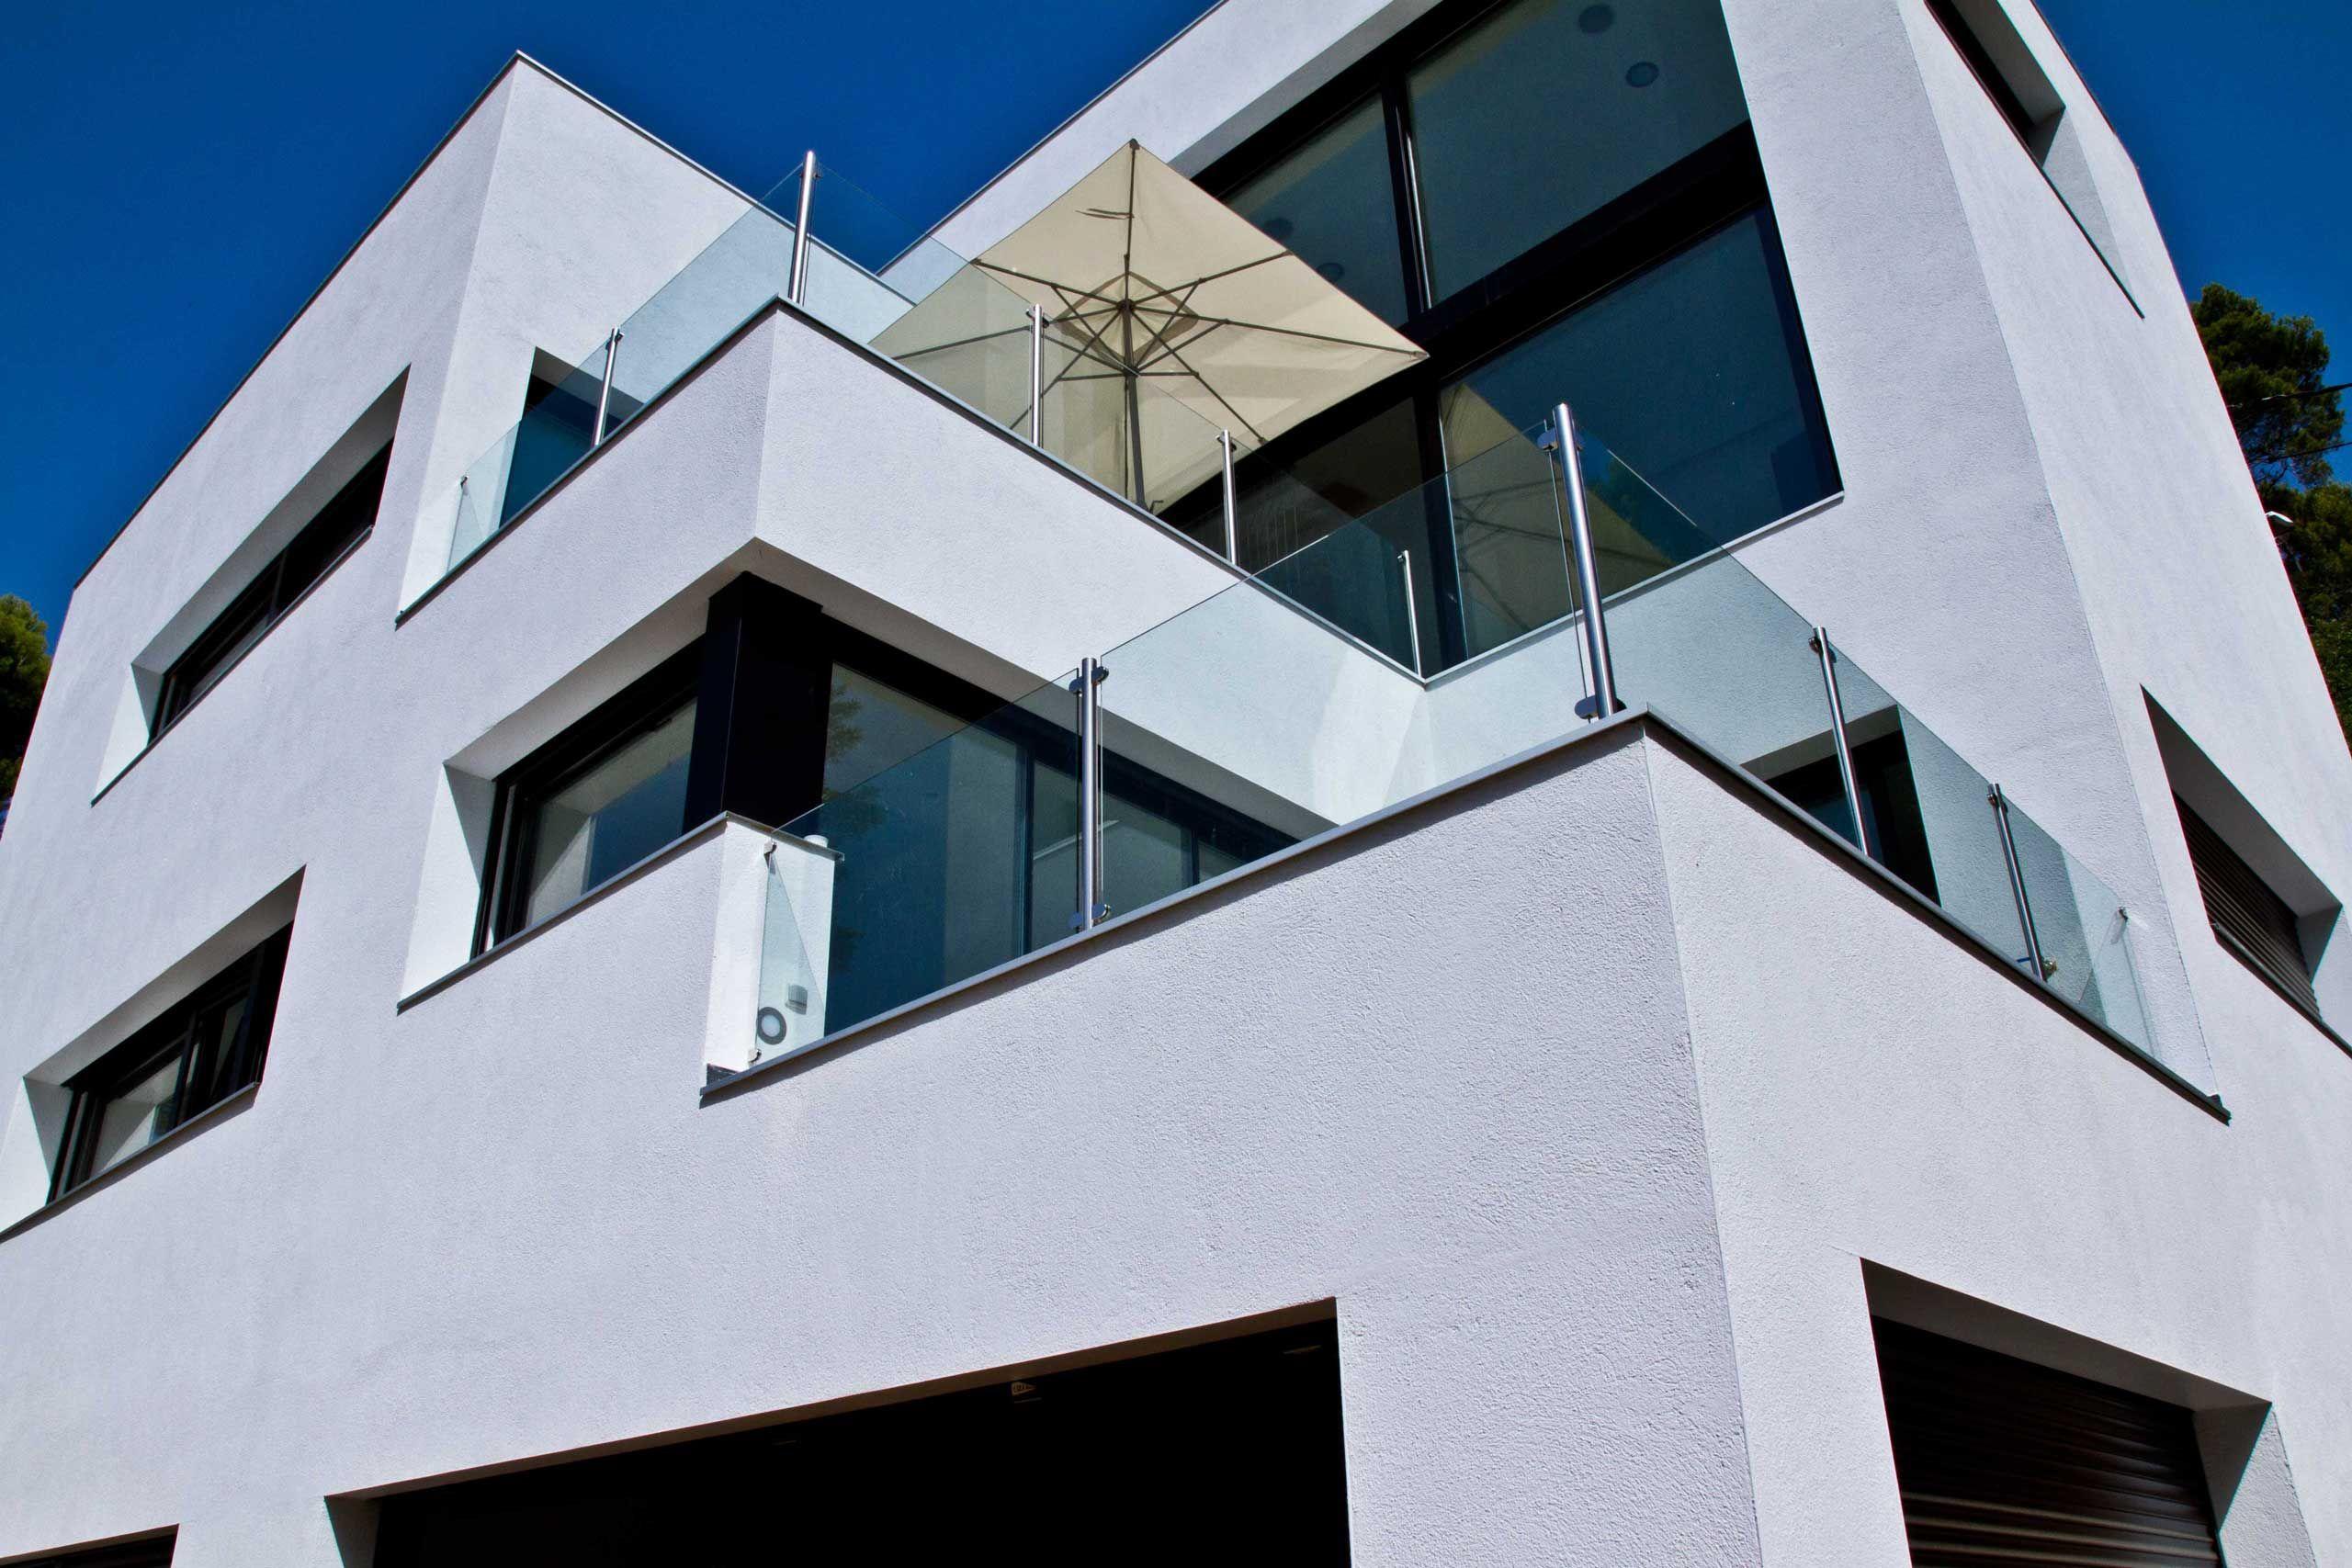 Edificios moderno balcon exterior fachada vidrio for Exterior edificios